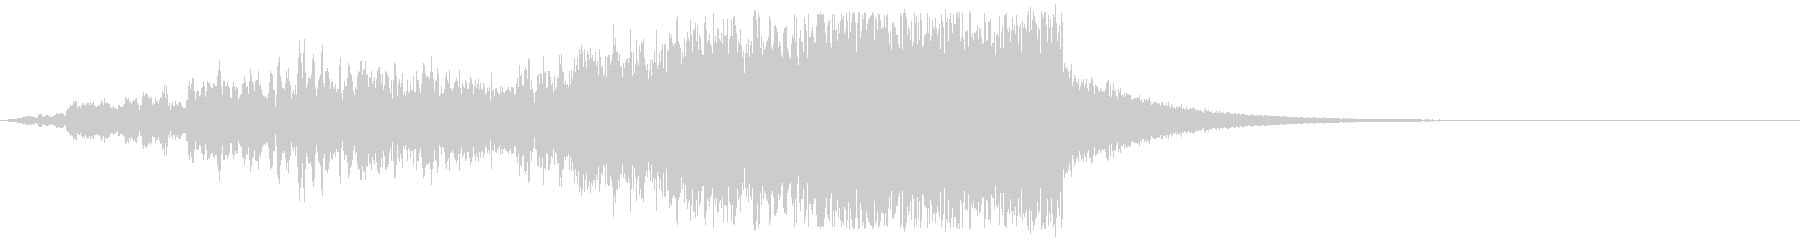 Dark_SweepUp-11_Revの未再生の波形